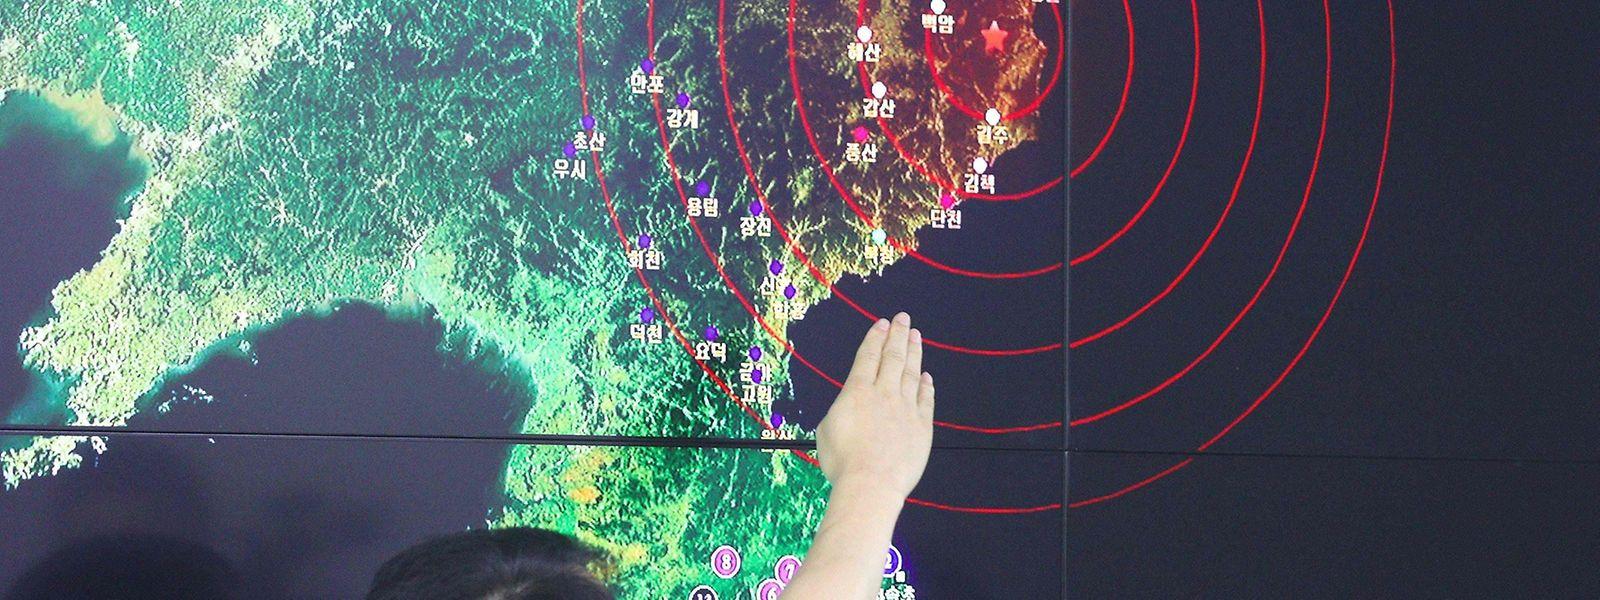 Ein Mitarbeiter der südkoreanischen Wetterbehörde zeigt auf das Epizentrum der Erschütterung in Nordkorea.